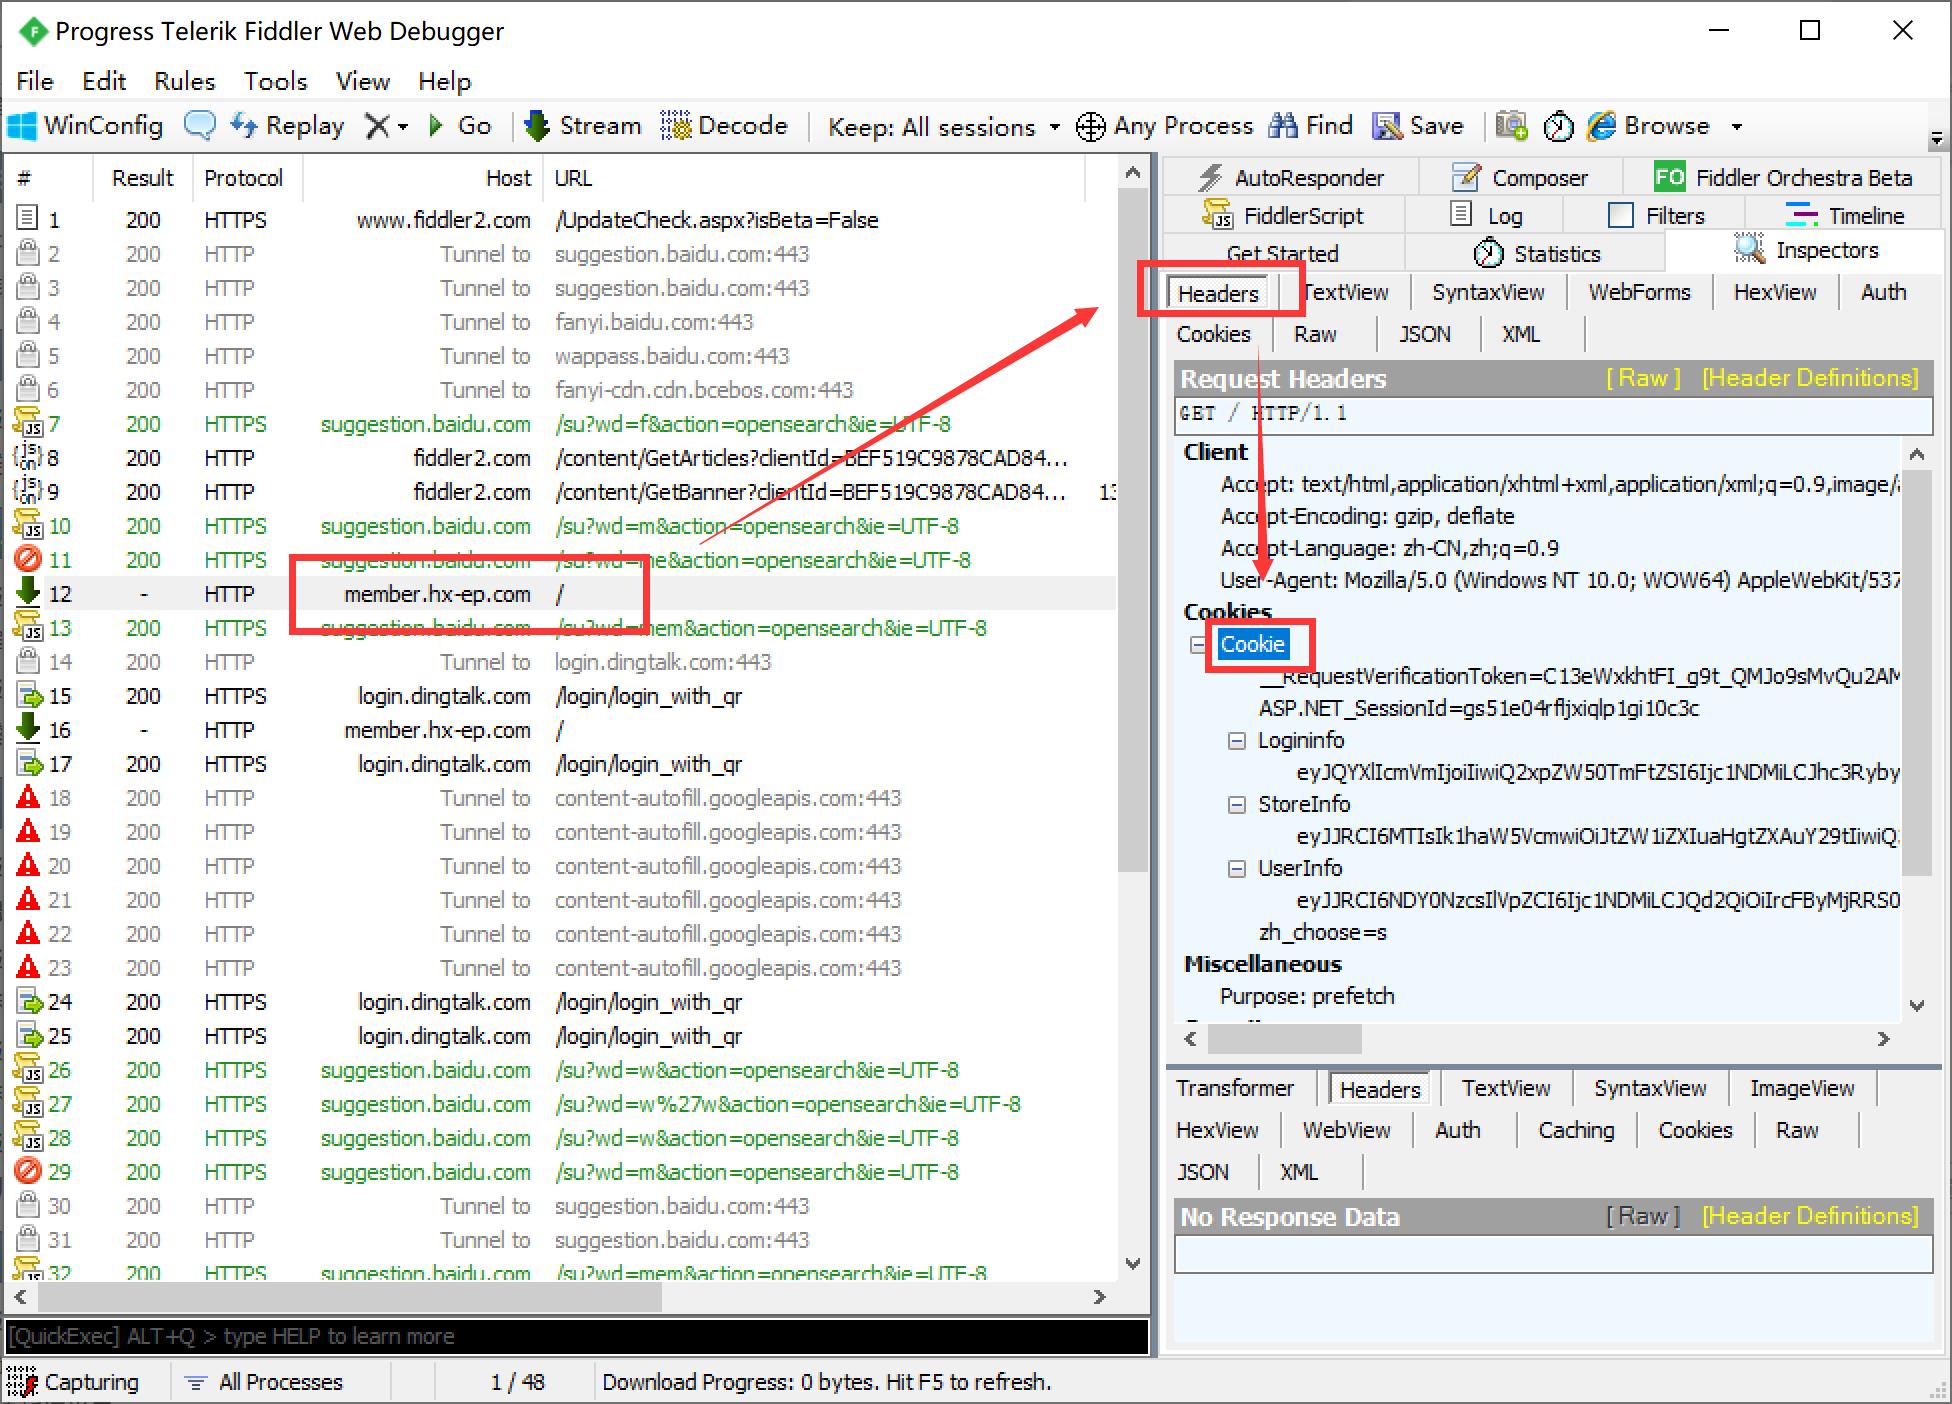 如何使用 Fiddler 软件抓取汇翔集运的登录状态 Cookie?